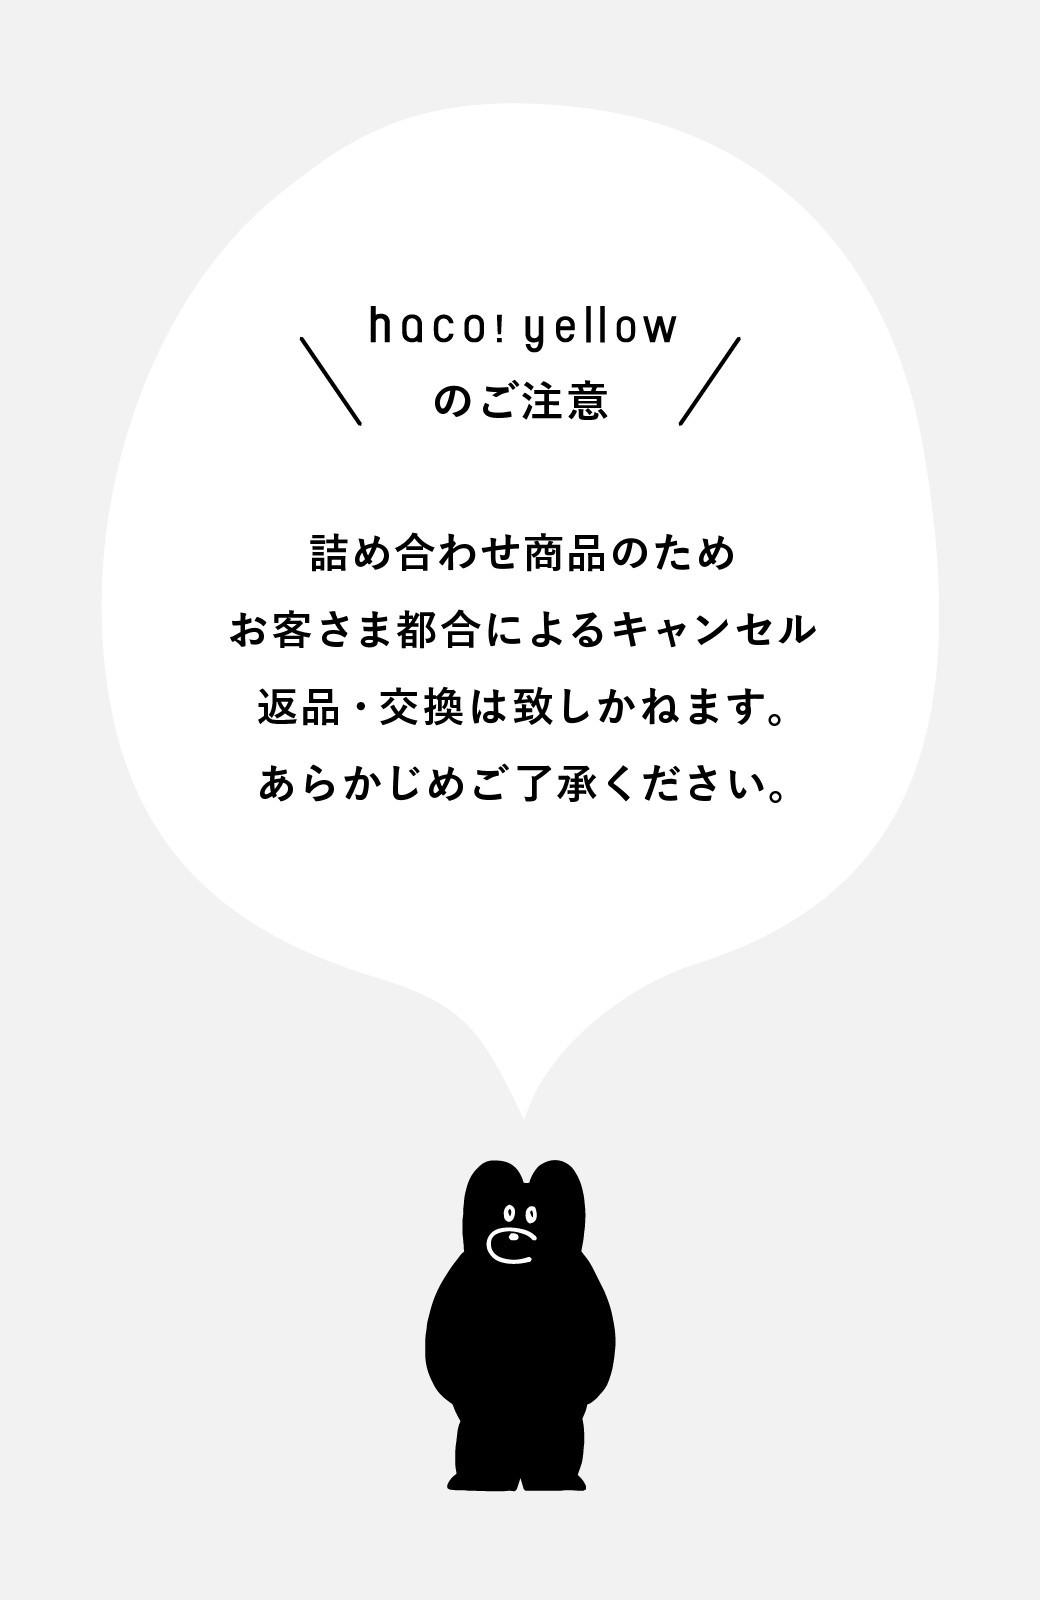 haco! haco!yellow 寒がりさんのための冬のコーディネートお助け服詰め合わせ <その他>の商品写真3